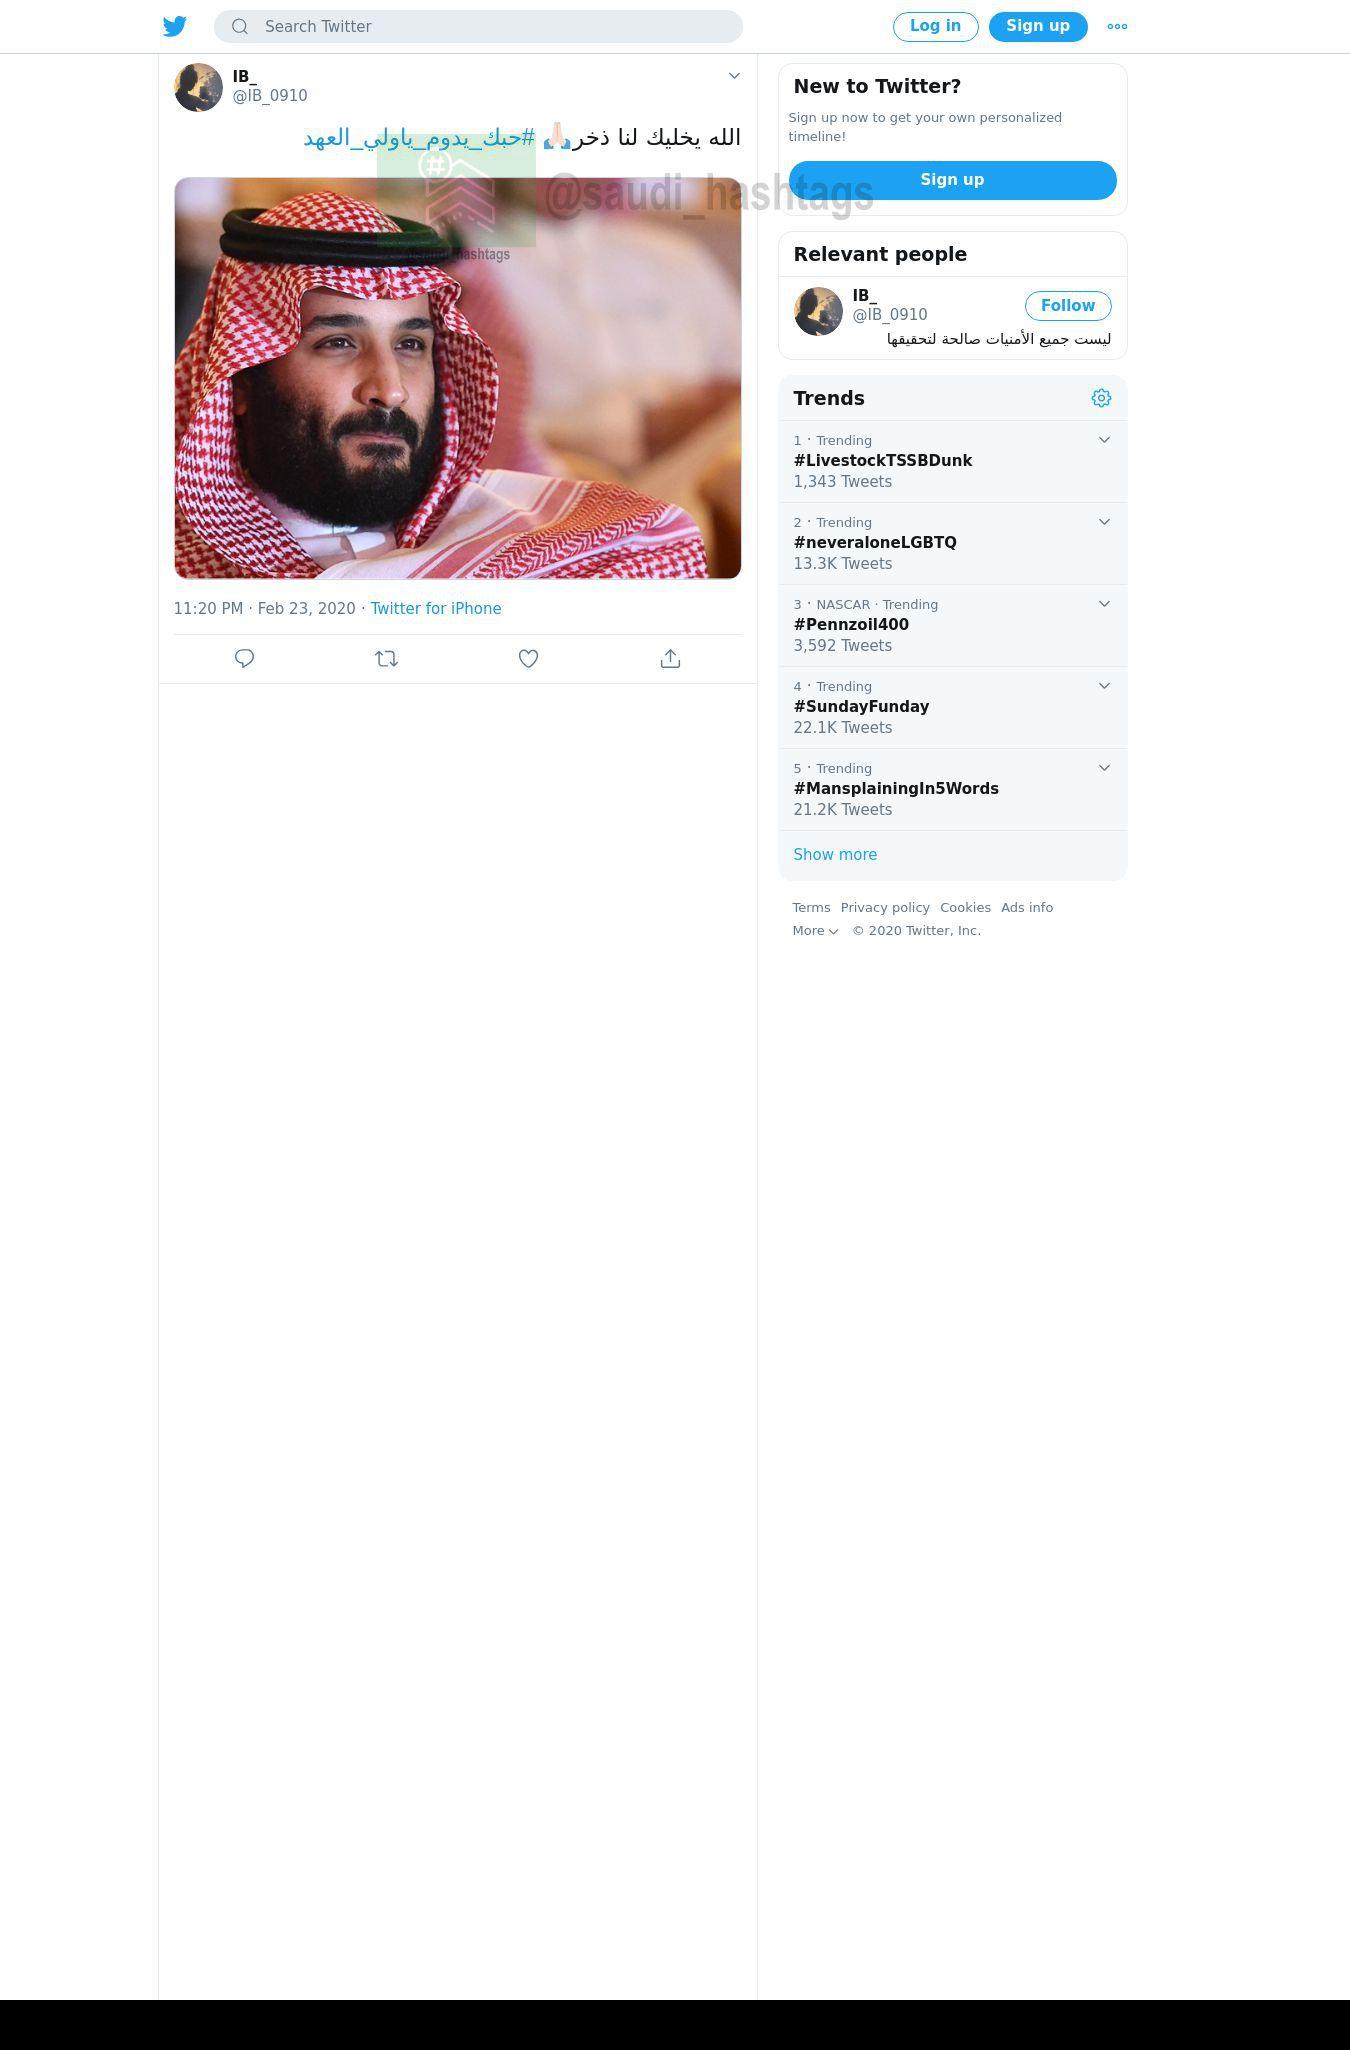 لقطة لاول تغريدة في هاشتاق #حبك_يدوم_ياولي_العهد